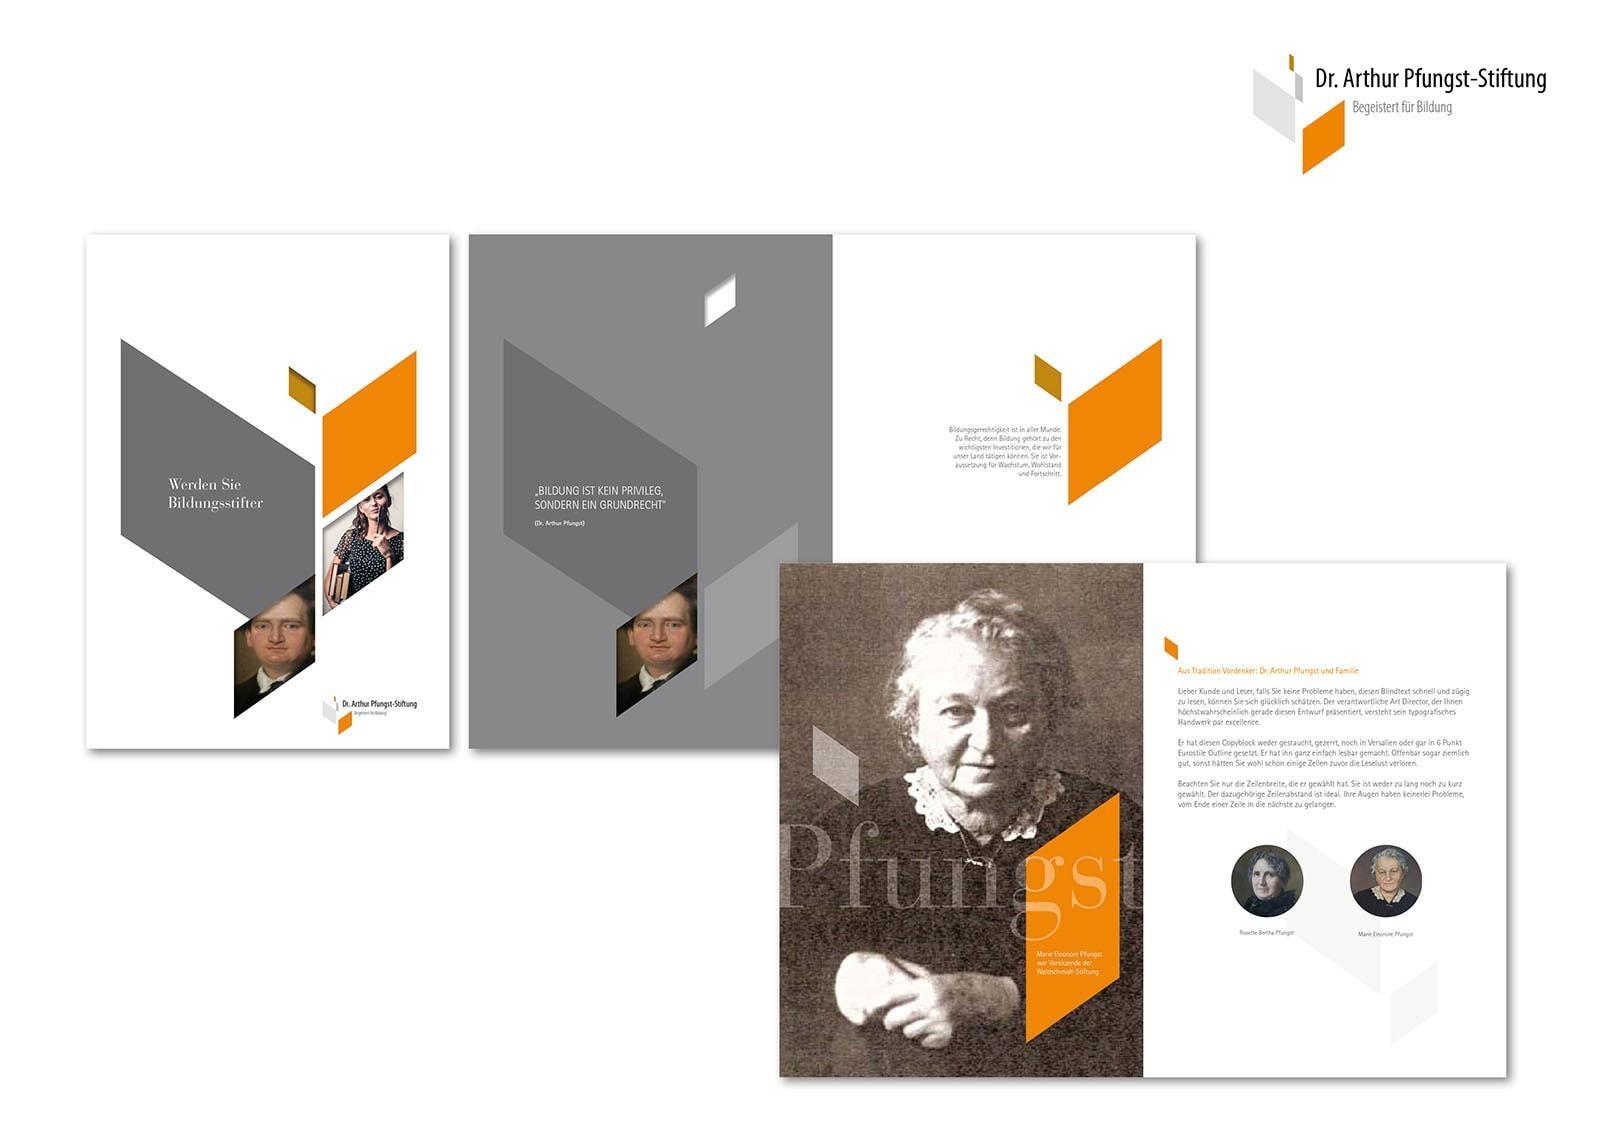 Corporate Design und Homepage Entwicklung für Dr. Arthur Pfungst-Stiftung durch Grafik-Designer Ronald Wissler